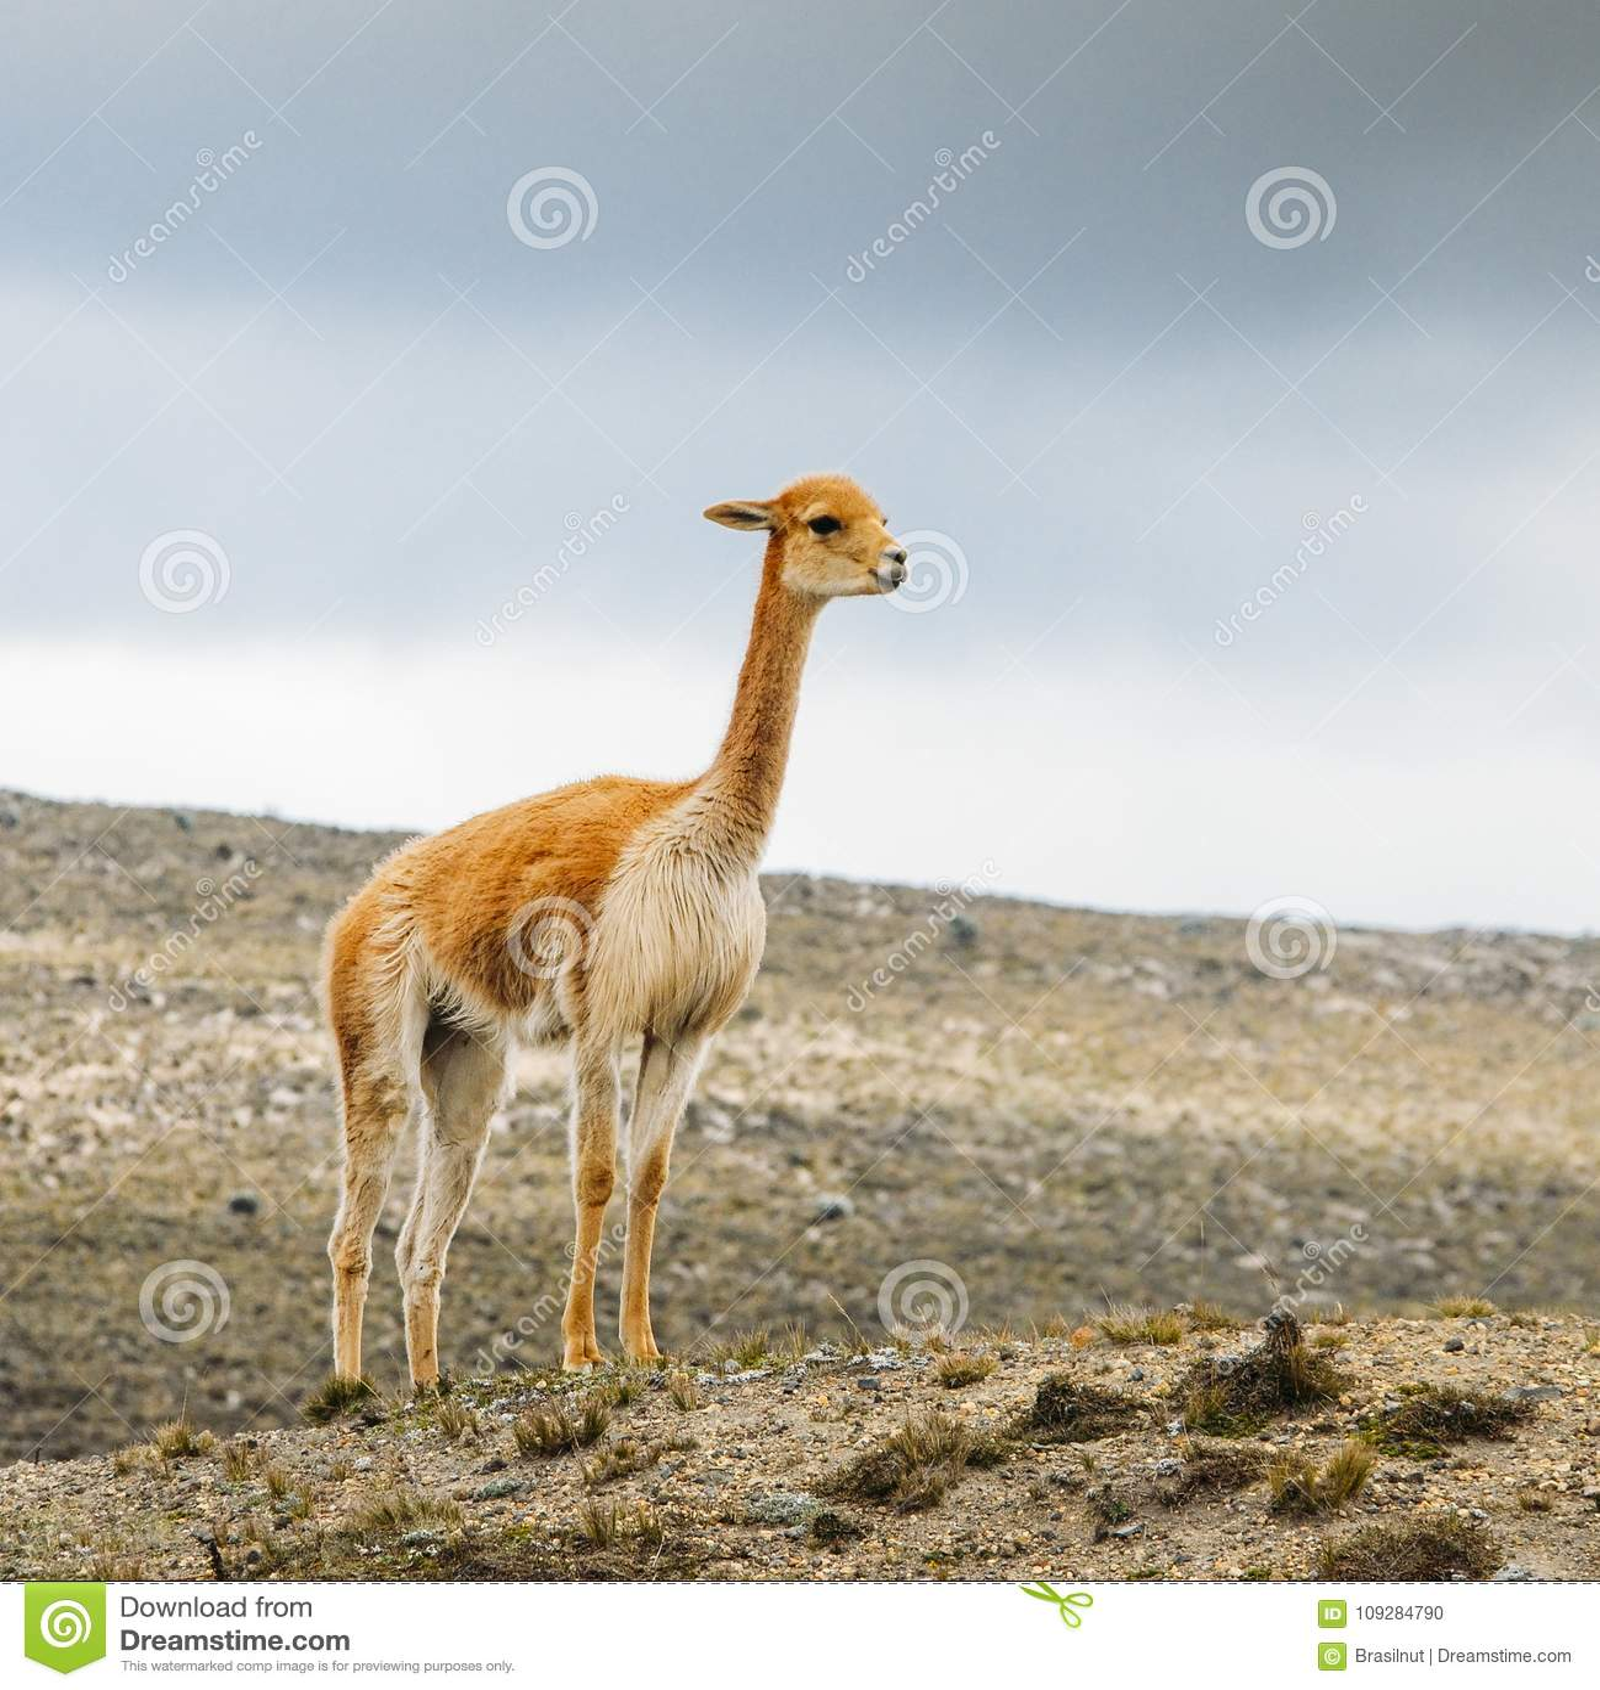 Lama ist ein domestiziertes südamerikanisches camelid, das als Fleisch und Satztier durch Andenkulturen seit dem Vor-kolumbianisc